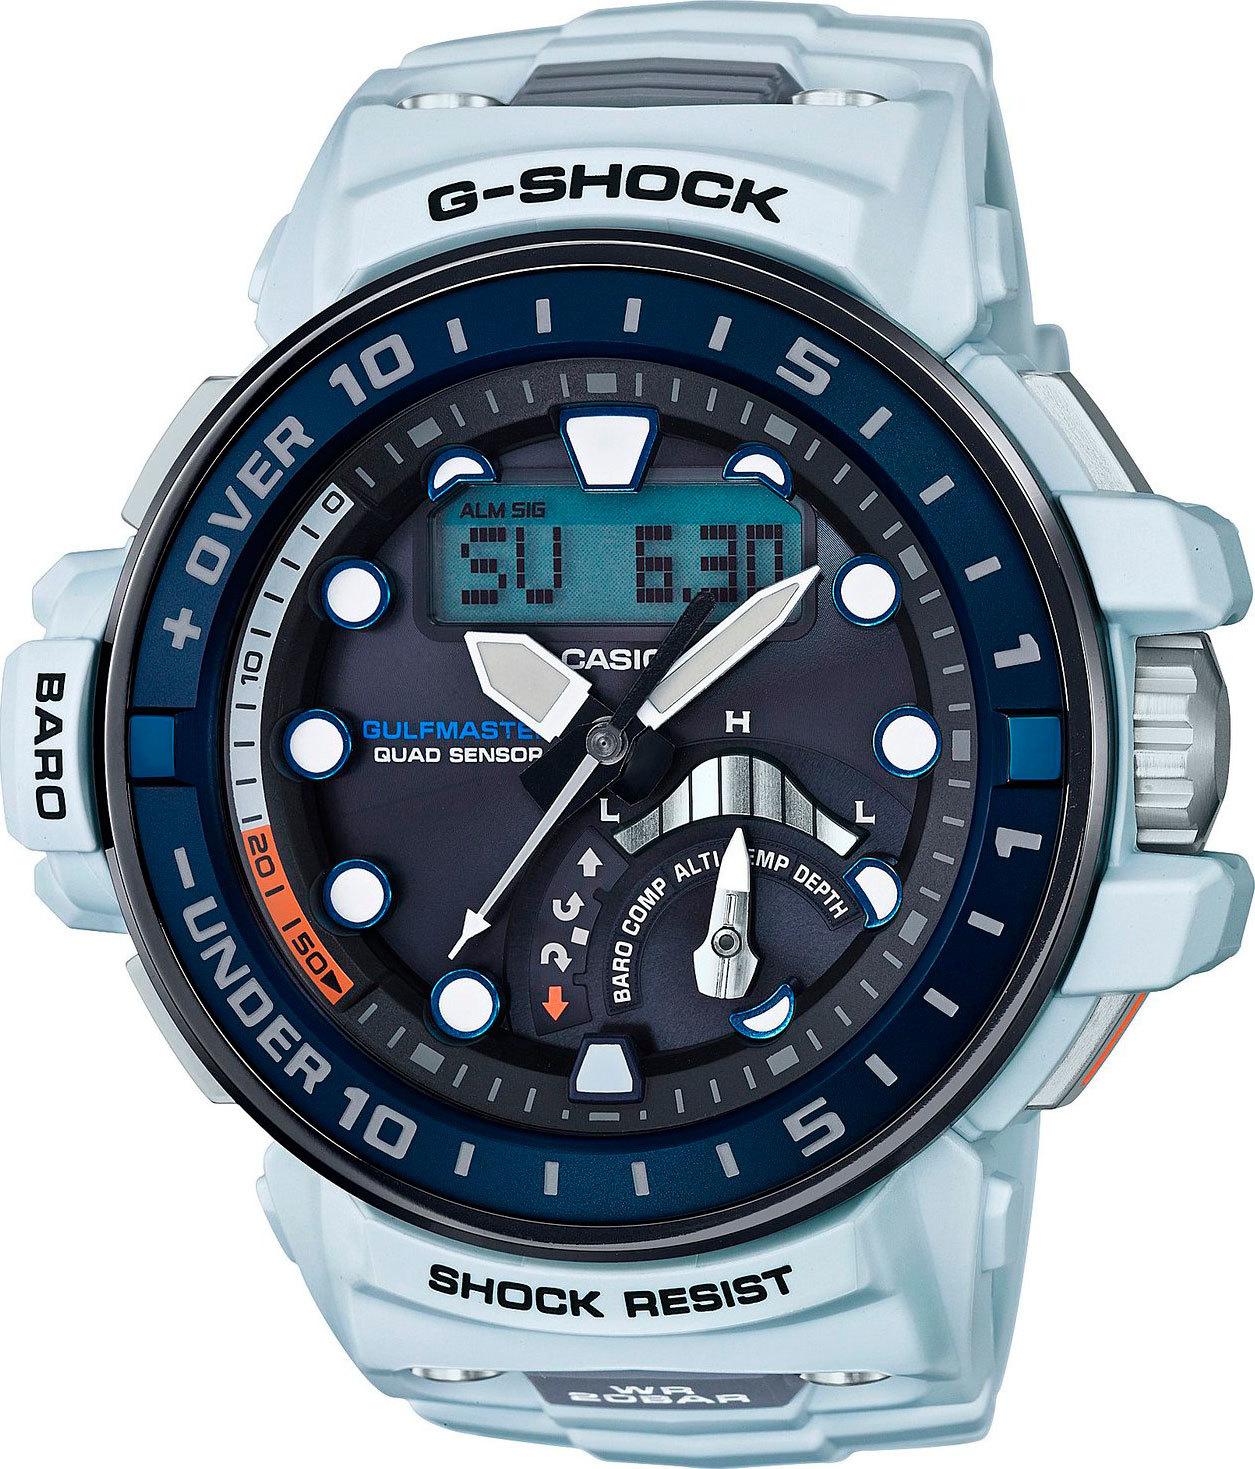 Casio G-SHOCK GWN-Q1000-7A / GWN-Q1000-7AER - мужские наручные часыCasio<br><br><br>Бренд: Casio<br>Модель: Casio GWN-Q1000-7A<br>Артикул: GWN-Q1000-7A<br>Вариант артикула: GWN-Q1000-7AER<br>Коллекция: G-SHOCK<br>Подколлекция: GULFMASTER<br>Страна: Япония<br>Пол: мужские<br>Тип механизма: кварцевые<br>Механизм: None<br>Количество камней: None<br>Автоподзавод: None<br>Источник энергии: от солнечной батареи<br>Срок службы элемента питания: 6 мес<br>Дисплей: стрелки + цифры<br>Цифры: отсутствуют<br>Водозащита: WR 200<br>Противоударные: есть<br>Материал корпуса: нерж. сталь + пластик, IP покрытие (частичное)<br>Материал браслета: пластик<br>Материал безеля: None<br>Стекло: сапфировое<br>Антибликовое покрытие: None<br>Цвет корпуса: None<br>Цвет браслета: None<br>Цвет циферблата: None<br>Цвет безеля: None<br>Размеры: 57.3x48x17 мм<br>Диаметр: None<br>Диаметр корпуса: None<br>Толщина: None<br>Ширина ремешка: None<br>Вес: 113 г<br>Спорт-функции: секундомер, таймер обратного отсчета, глубиномер, высотомер, барометр, термометр, компас<br>Подсветка: дисплея, стрелок<br>Вставка: None<br>Отображение даты: вечный календарь, число, месяц, день недели<br>Хронограф: есть<br>Таймер: None<br>Термометр: None<br>Хронометр: None<br>GPS: None<br>Радиосинхронизация: есть<br>Барометр: None<br>Скелетон: None<br>Дополнительная информация: отображение сведений о приливах и отливах, ежечасный сигнал, функция сохранения энергии, функция включения/отключения звука кнопок, функция перемещения стрелок; работоспособность в полной темноте до 21 месяцев в режиме сохранения энергии<br>Дополнительные функции: индикатор запаса хода, второй часовой пояс, указатель фаз Луны, время восхода и заката, будильник (количество установок: 5)